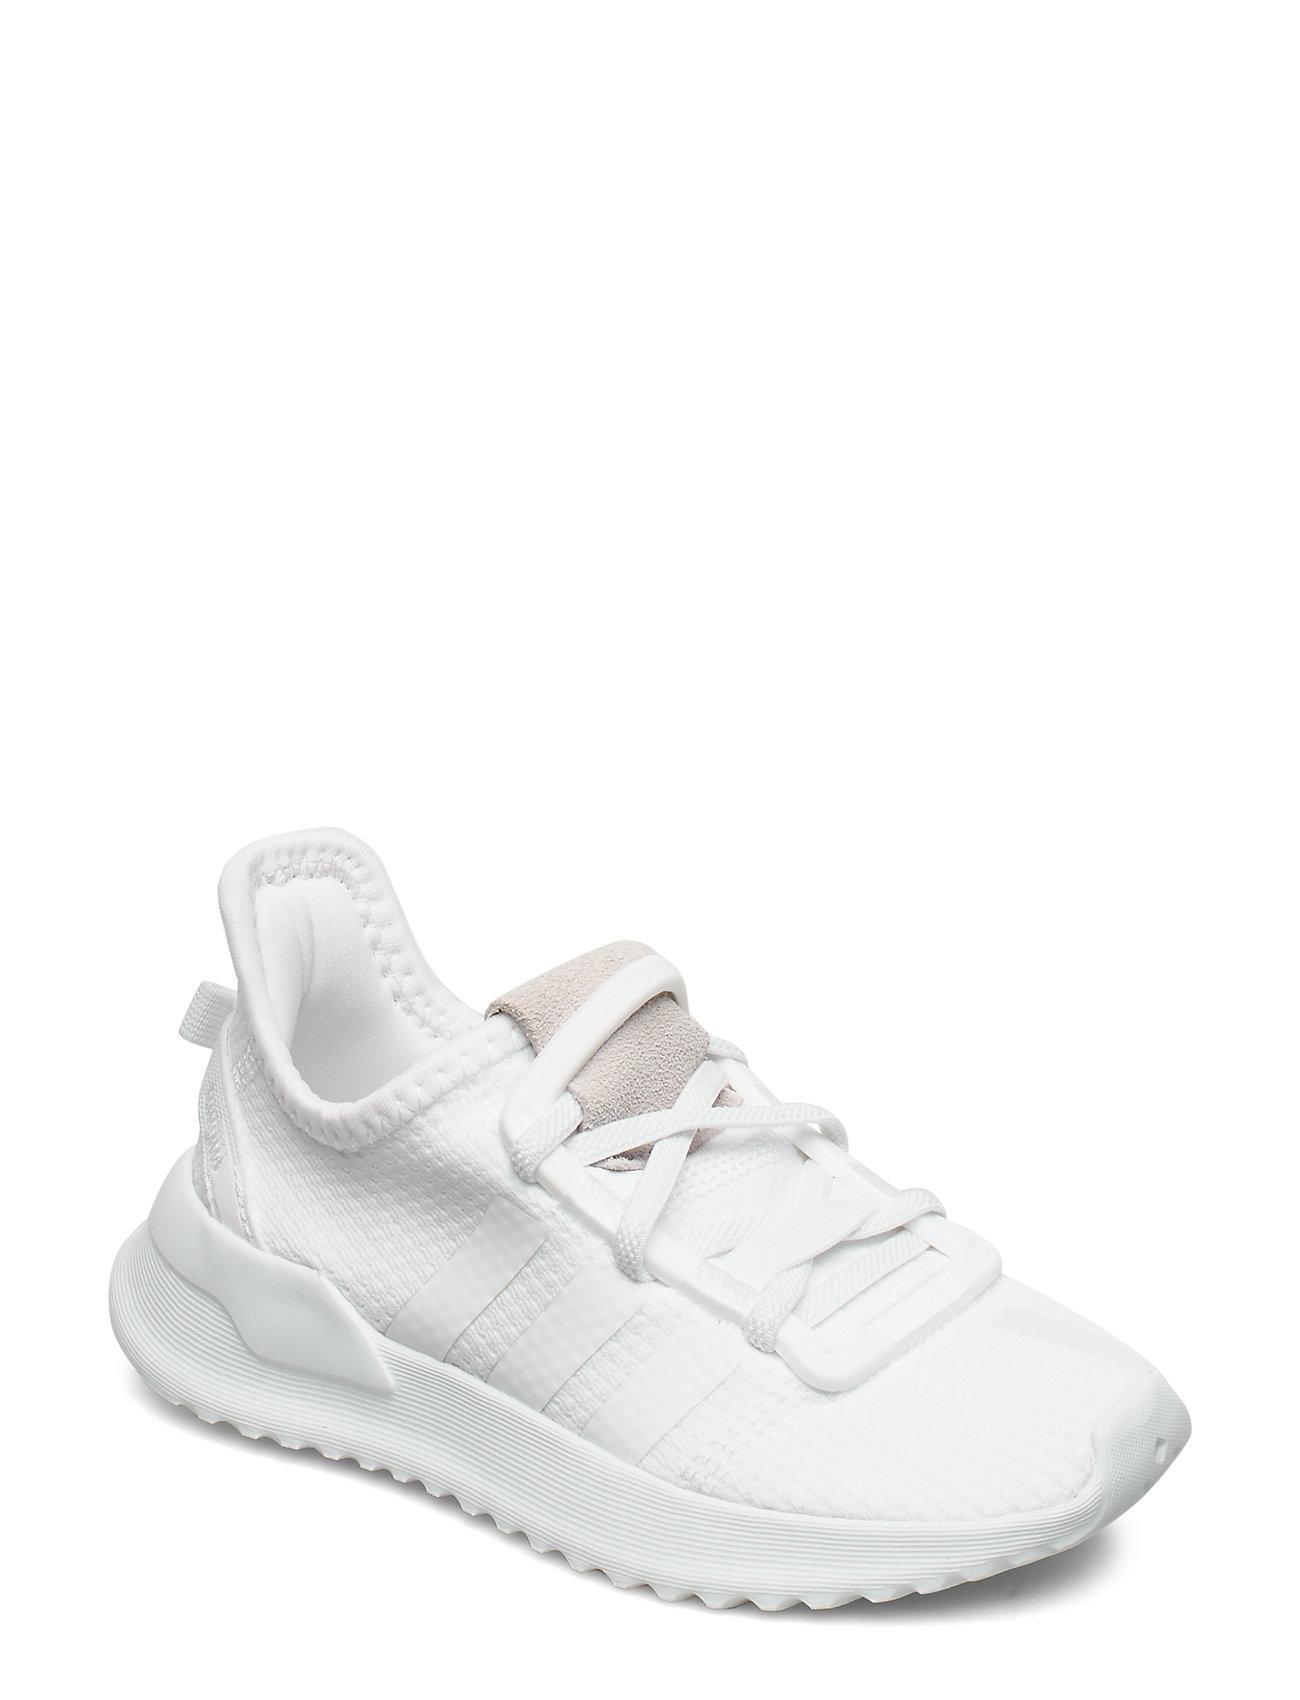 adidas sko 599 kr